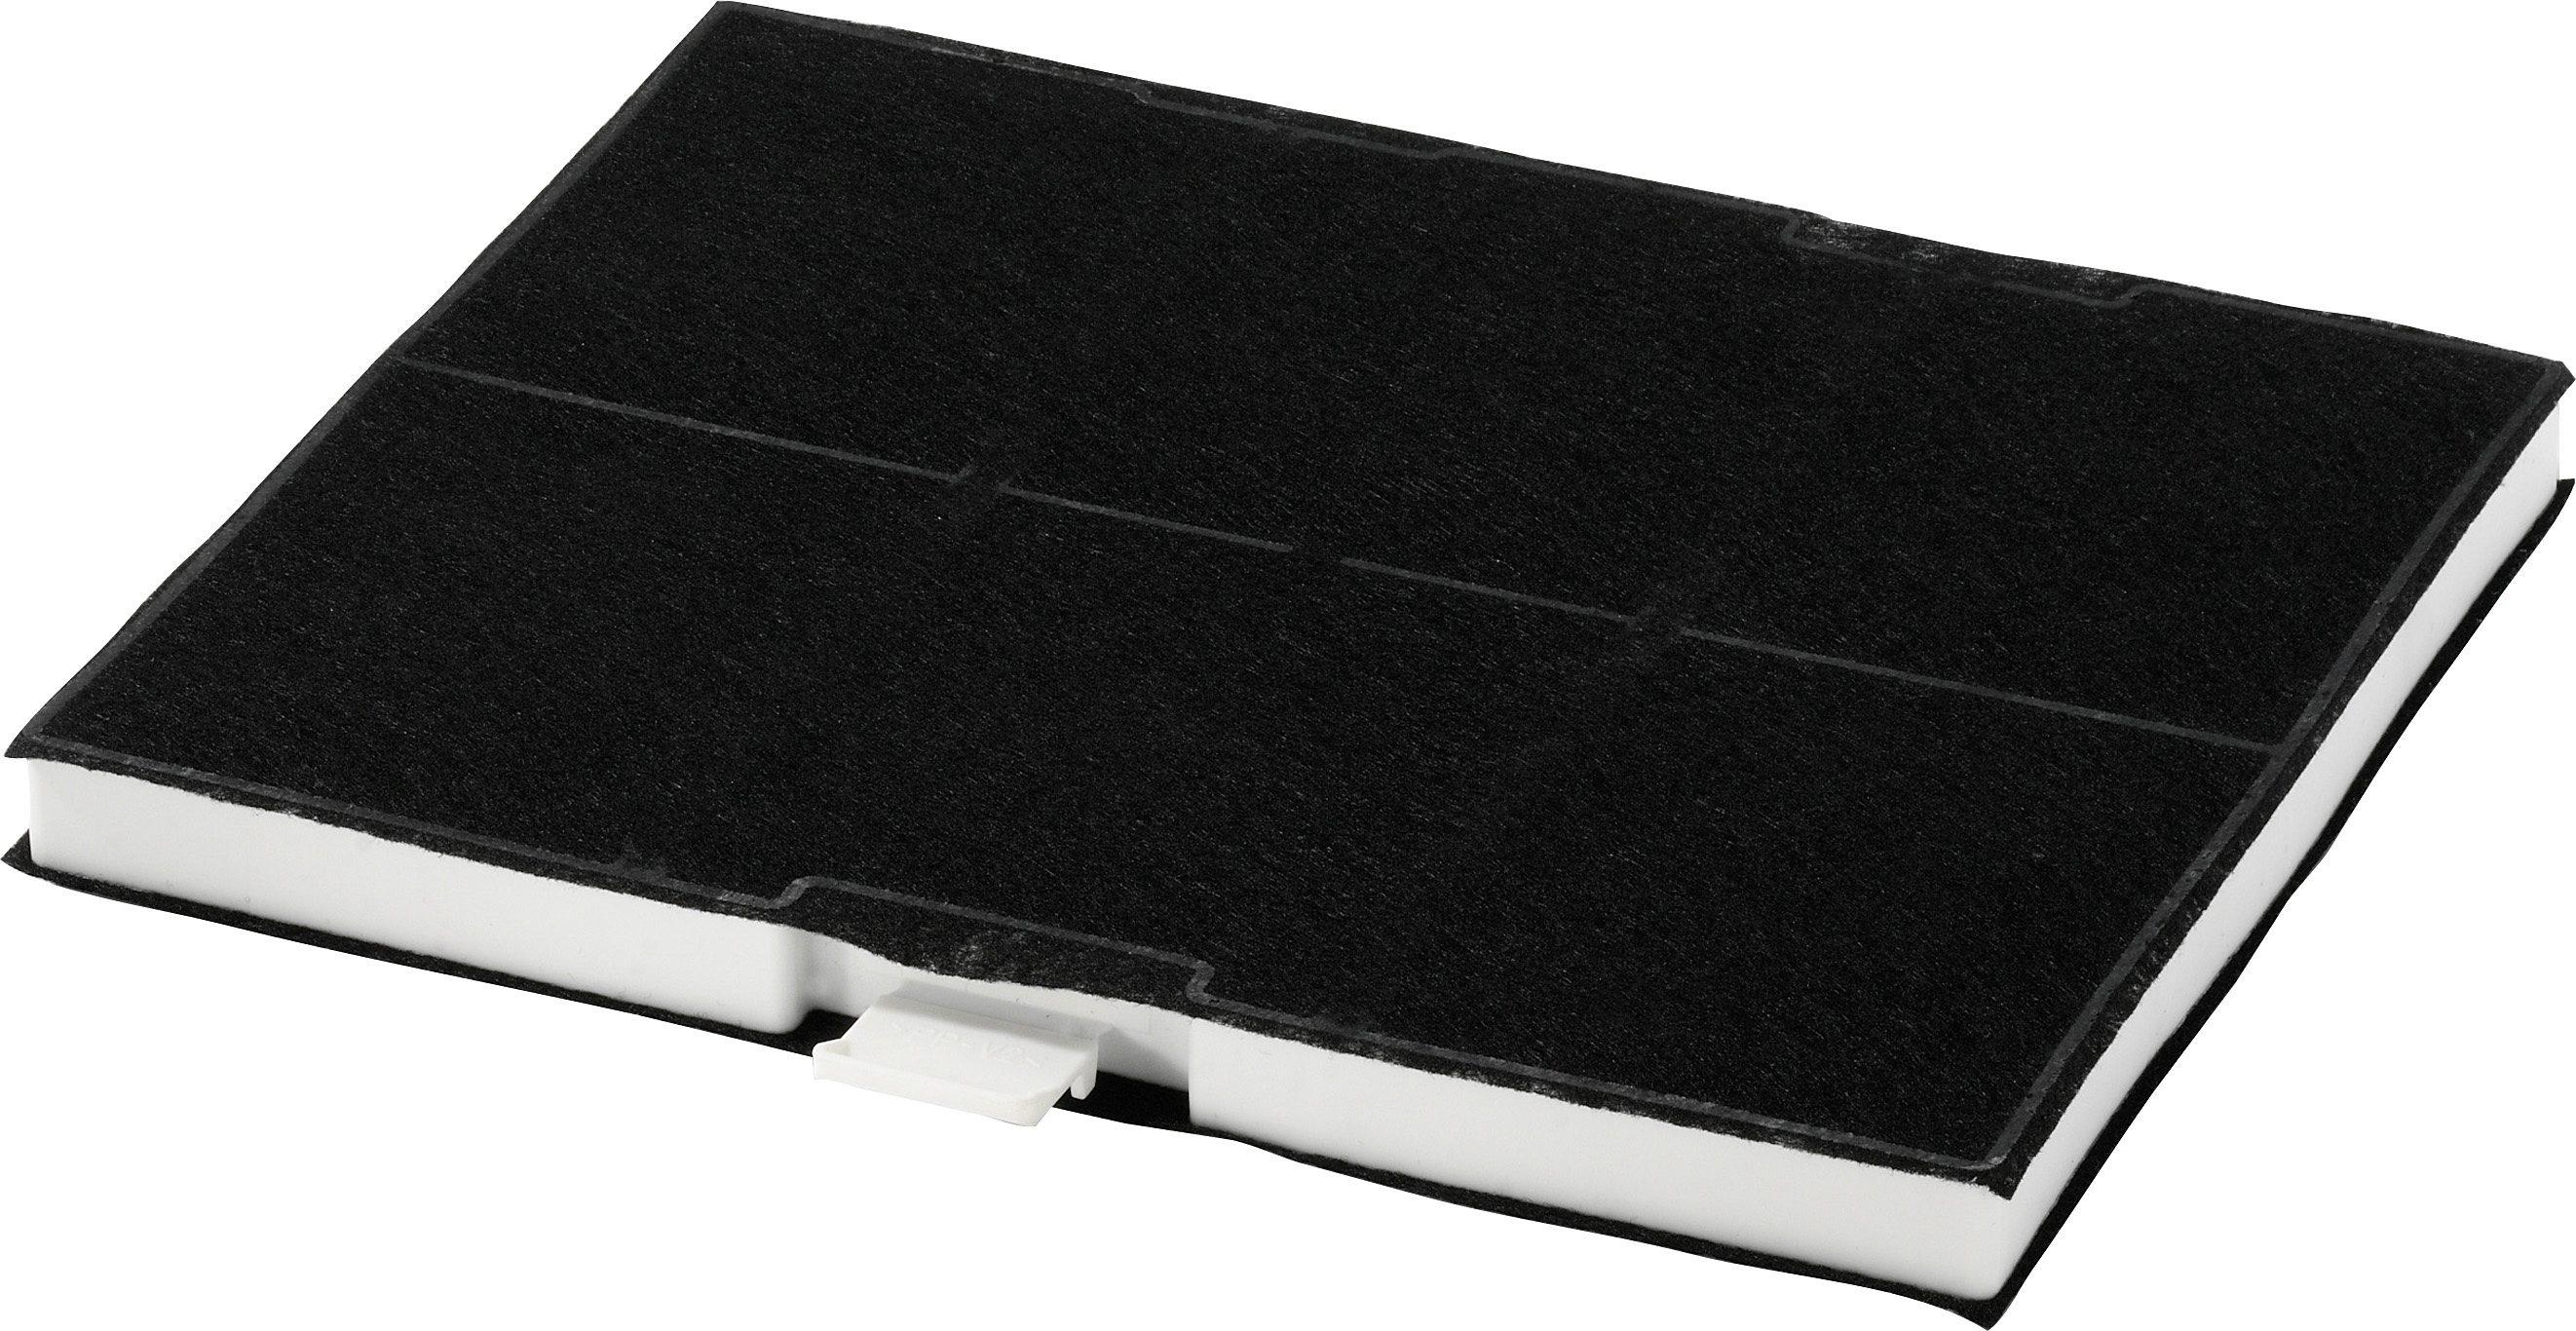 Bosch kohlefilter dhz zubehör für bosch dunstabzugshauben